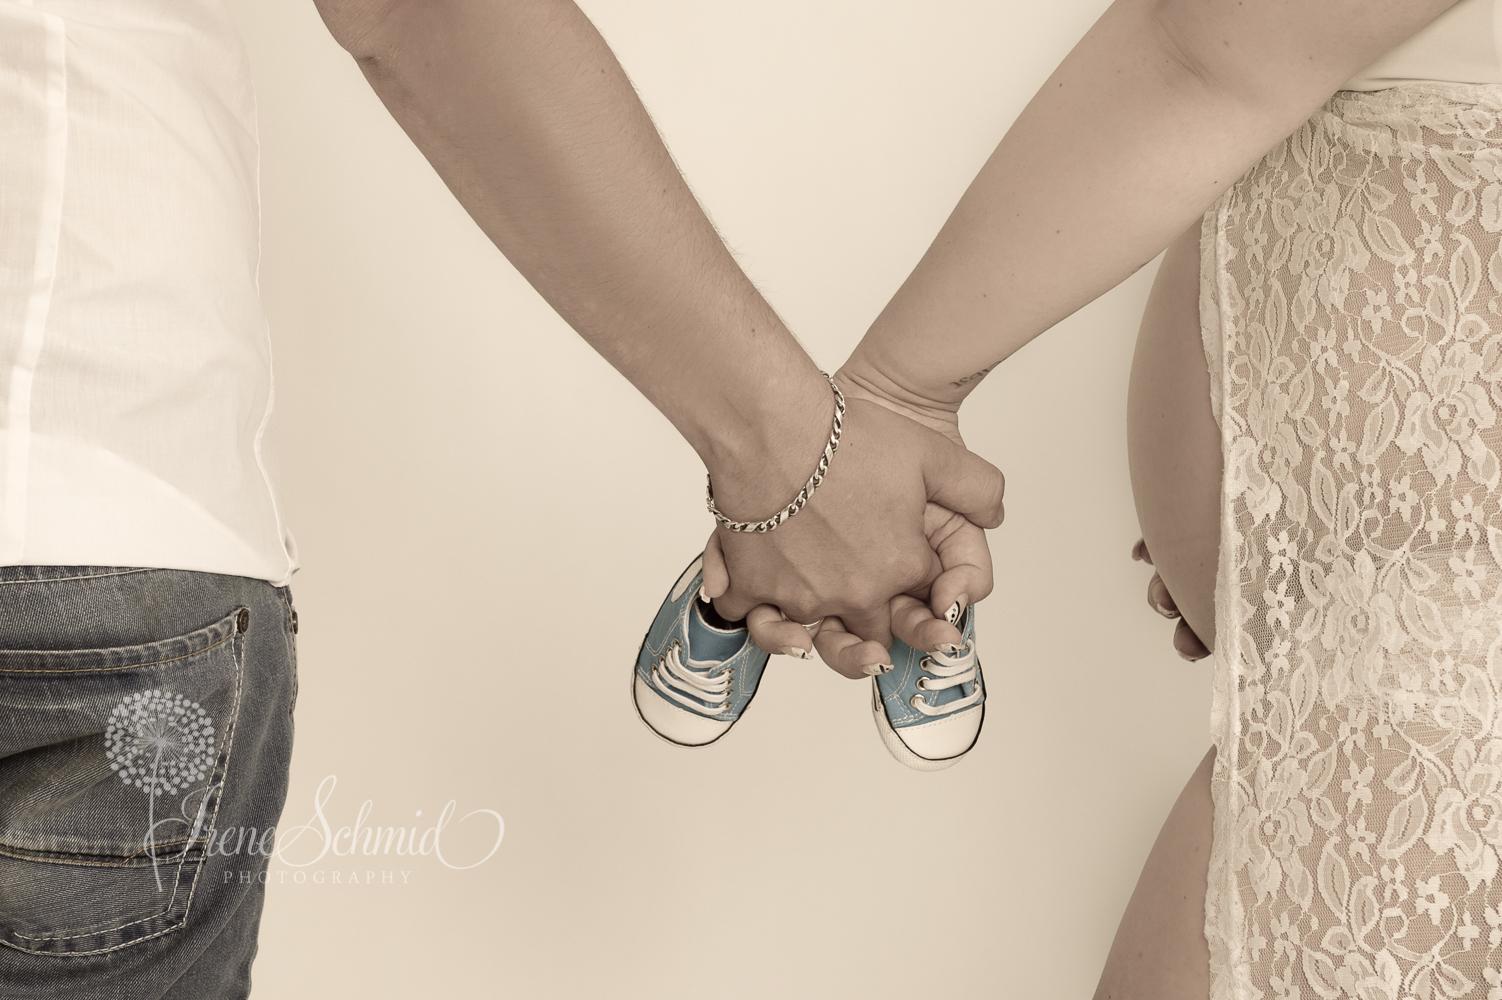 Fotos von der Schwangerschaft, Fotografin für Schwangerschaftsbilder in Winterthur